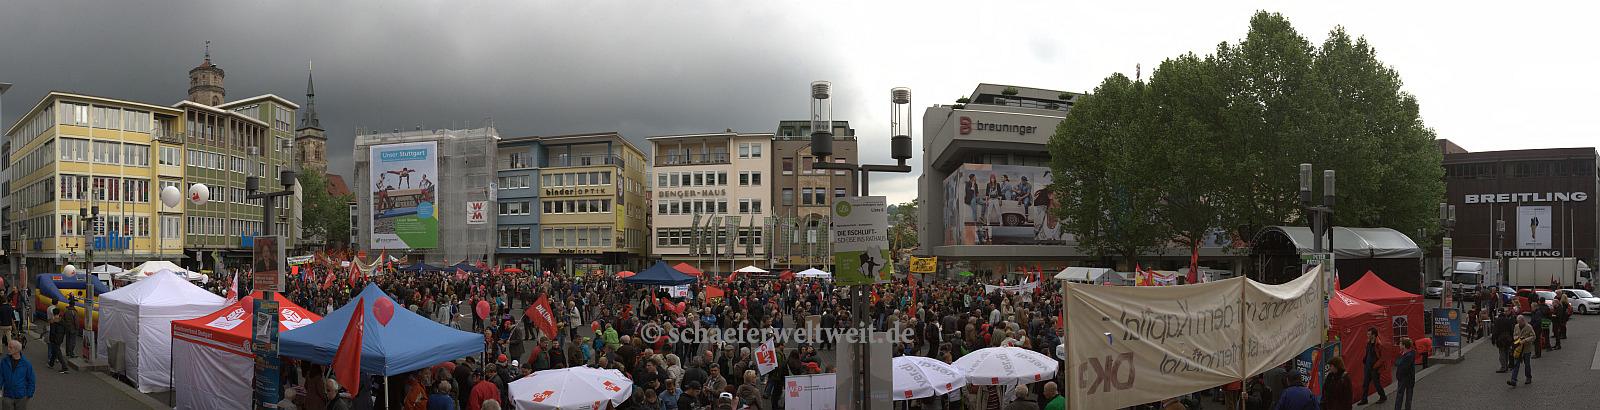 ©2014 Alexander Schäfer - 1. Mai Demo Marktplatz